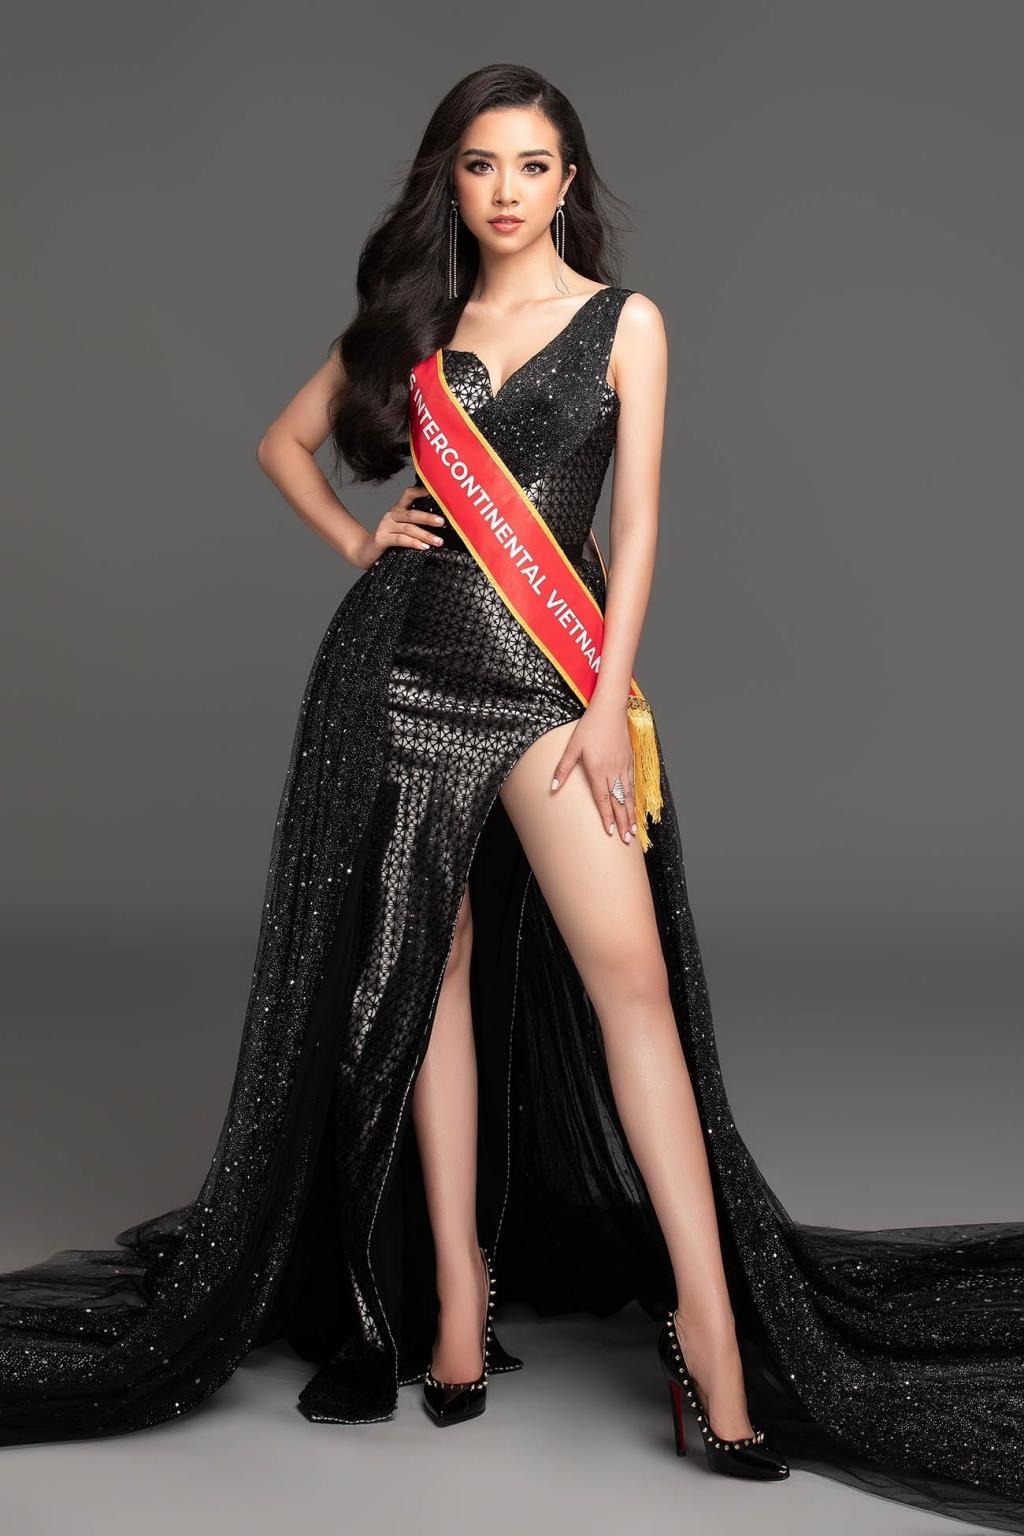 a hau thuy an dai dien viet nam tham gia miss intercontinental 2019